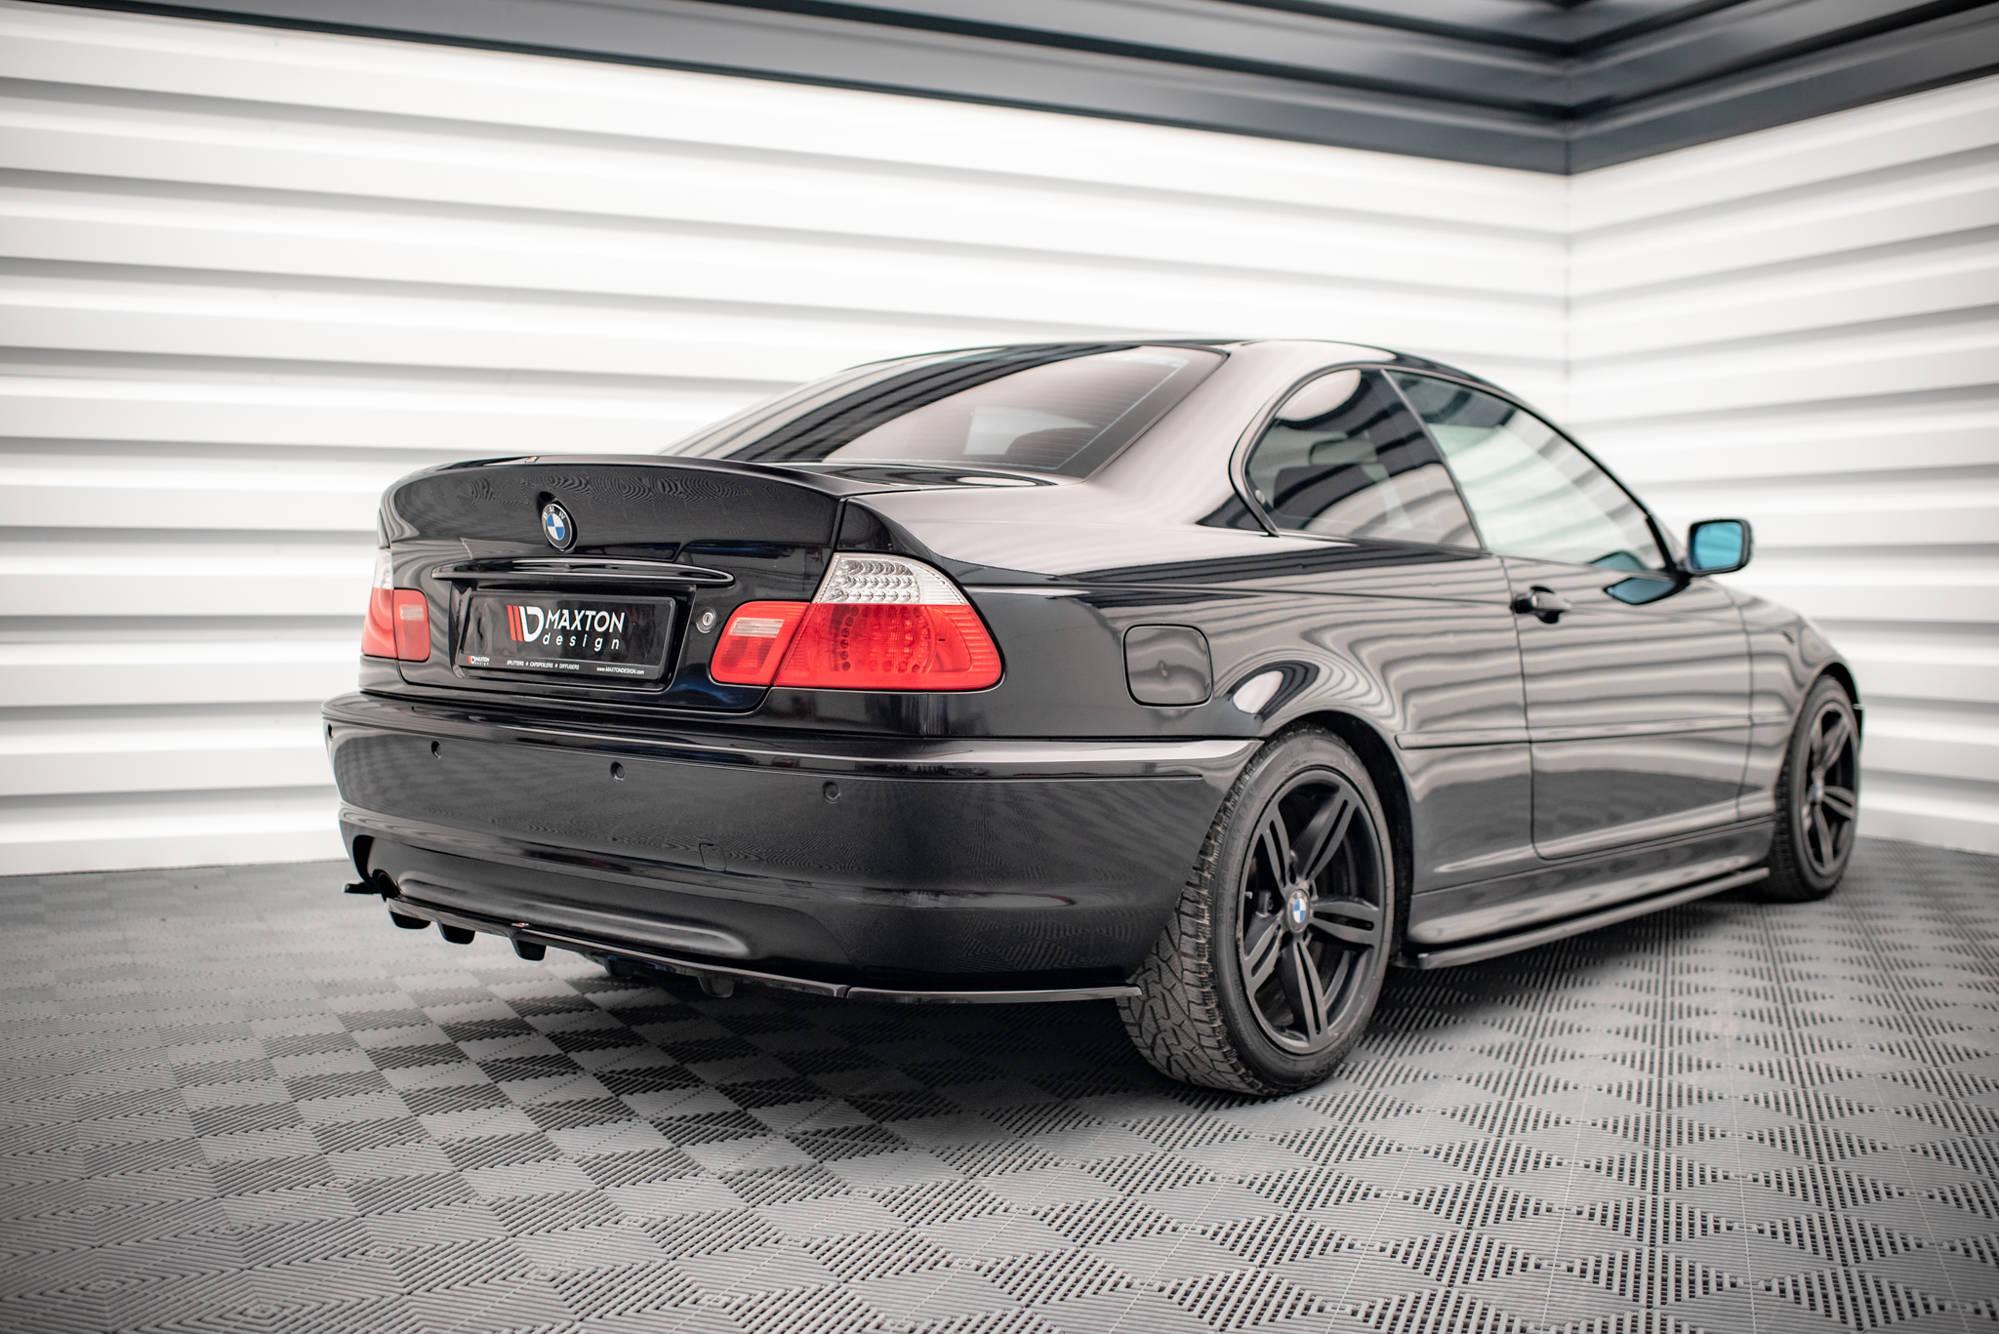 Becquet Rajout Du Capot Bmw 3 E46 Coupe Avant Facelift M3 Csl Look Pour Peindre Notre Offre Bmw Seria 3 E46 Maxton Design